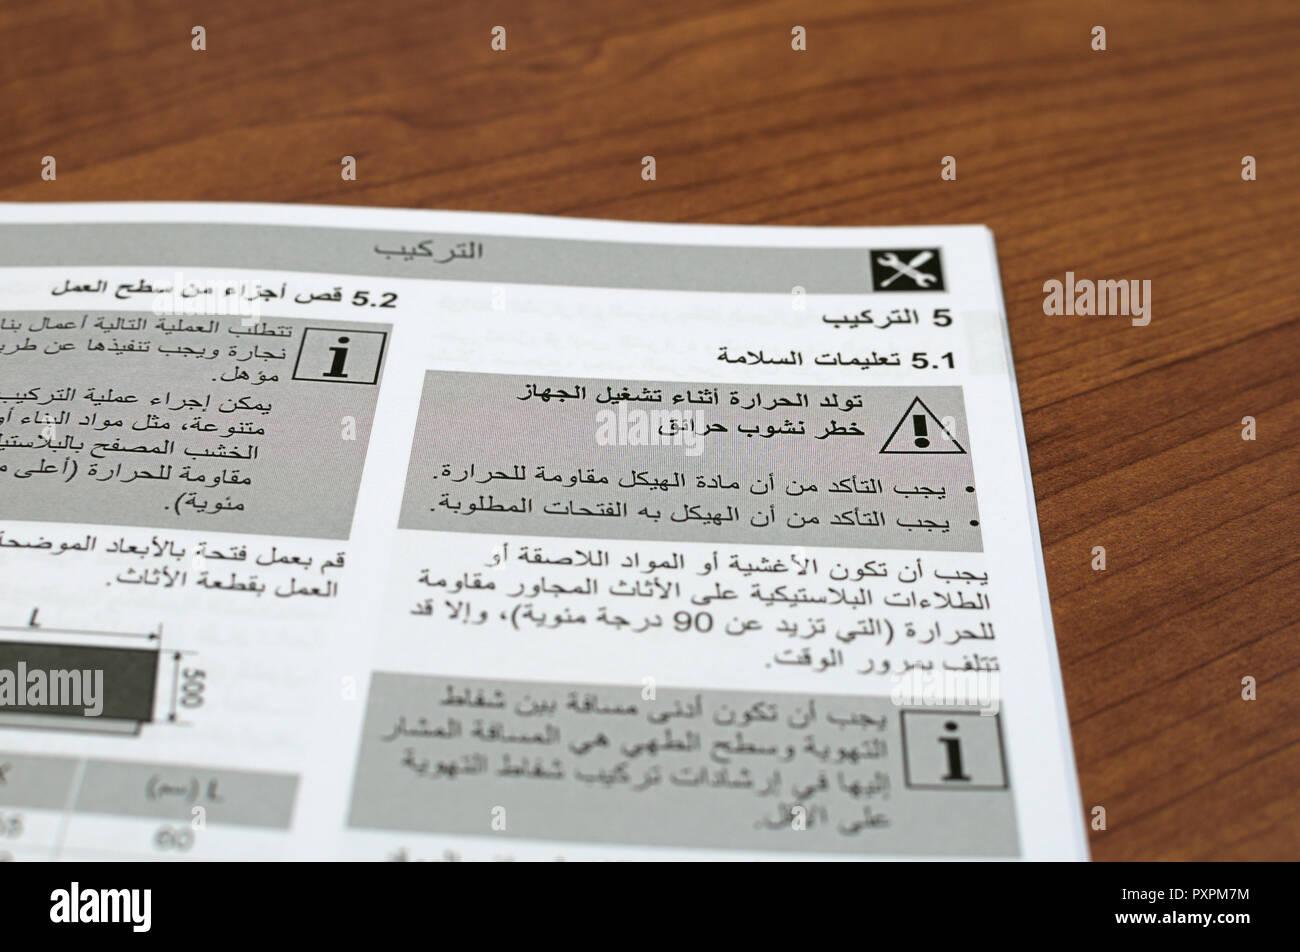 Folleto de papel manual escrito en idioma árabe Foto de stock